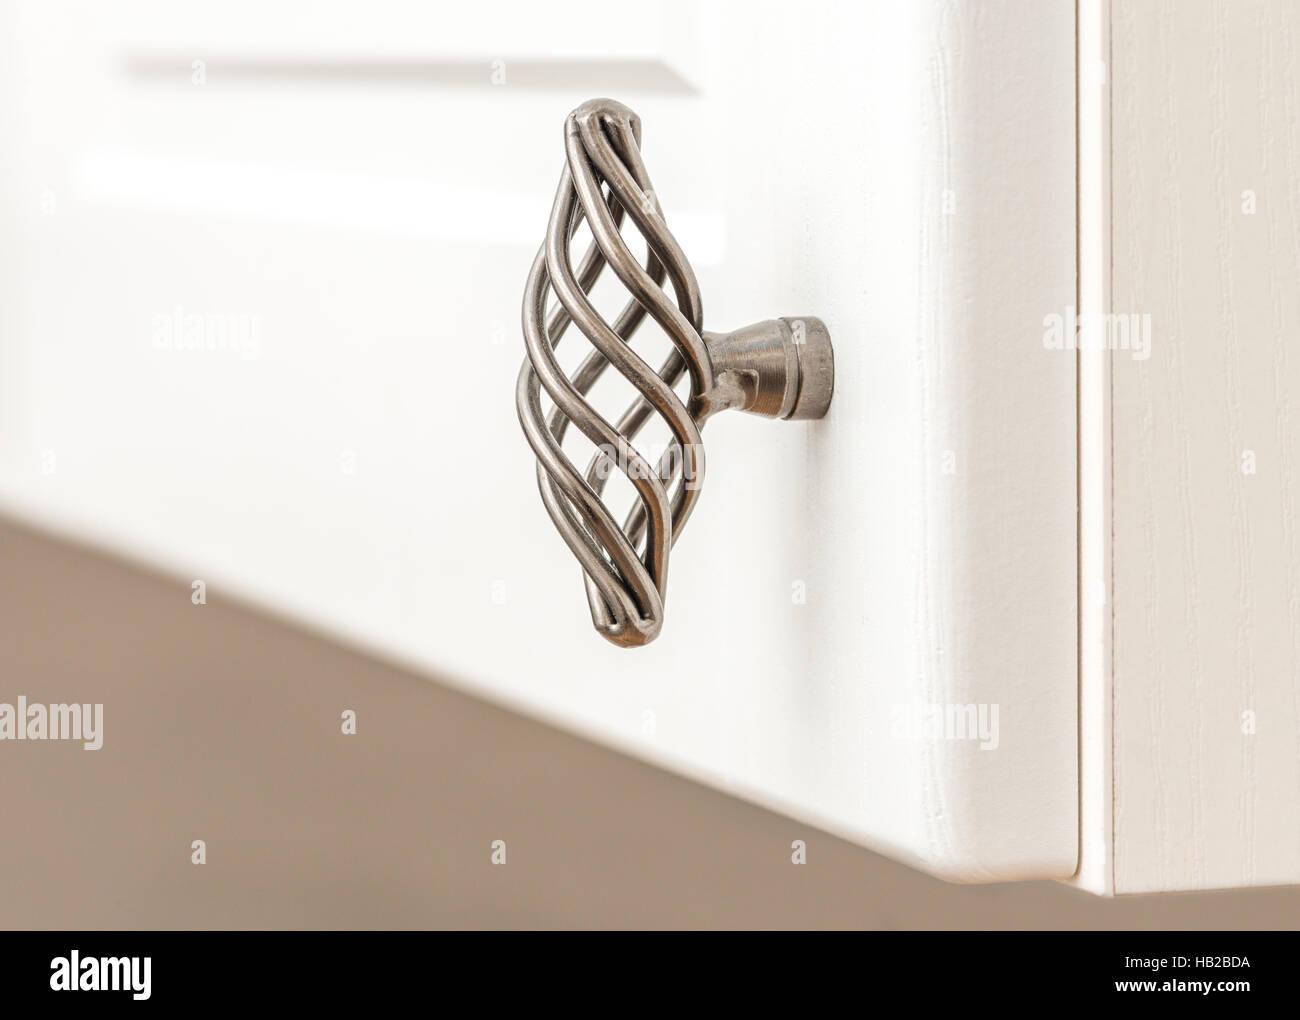 kitchen cupboard handle on door - Stock Image